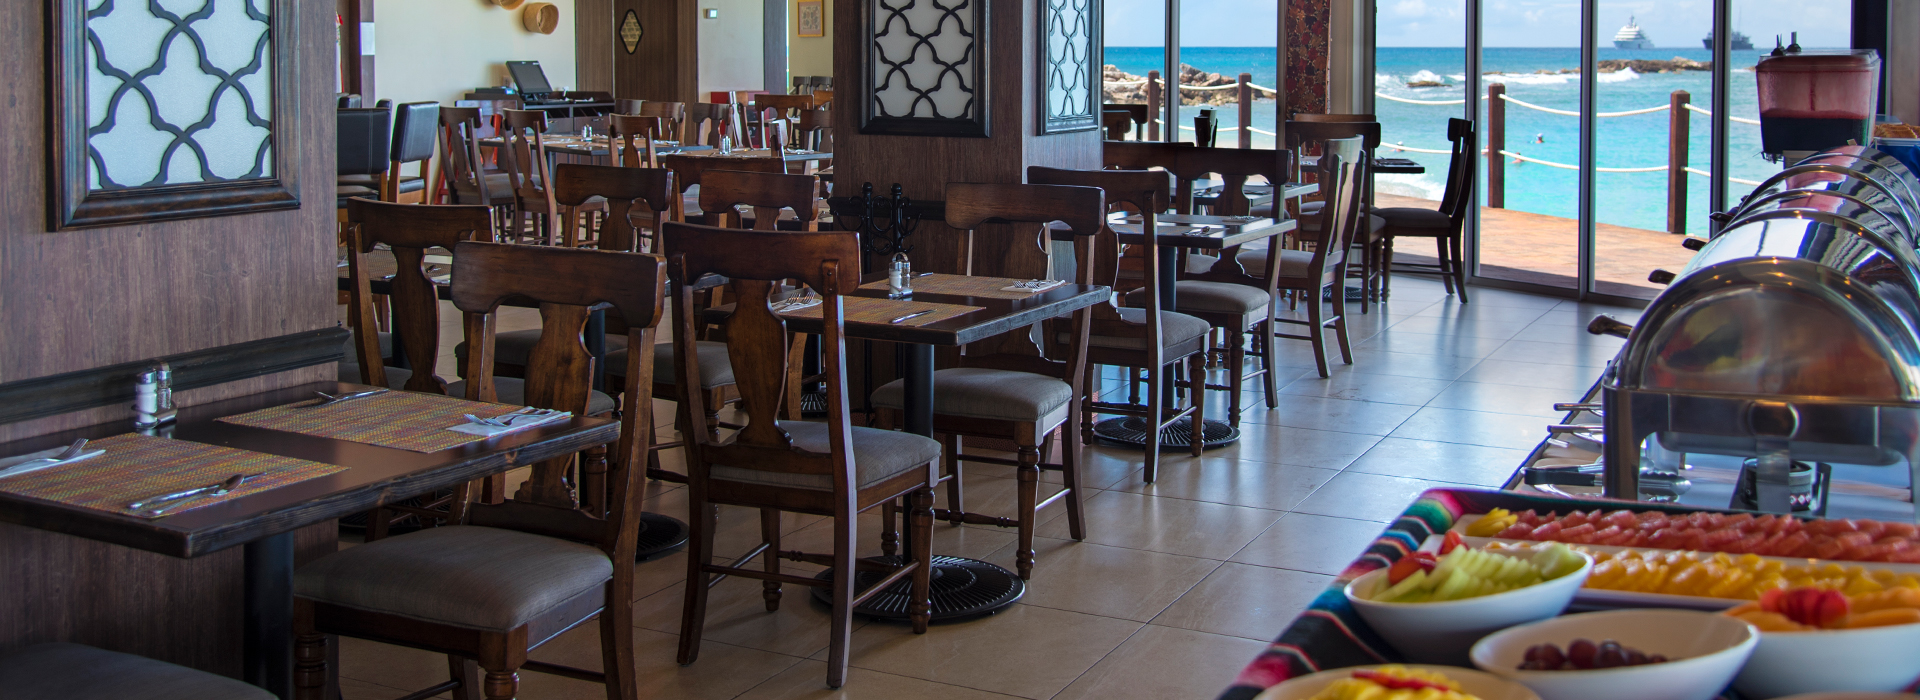 restaurantes familiares en resorts del caribe